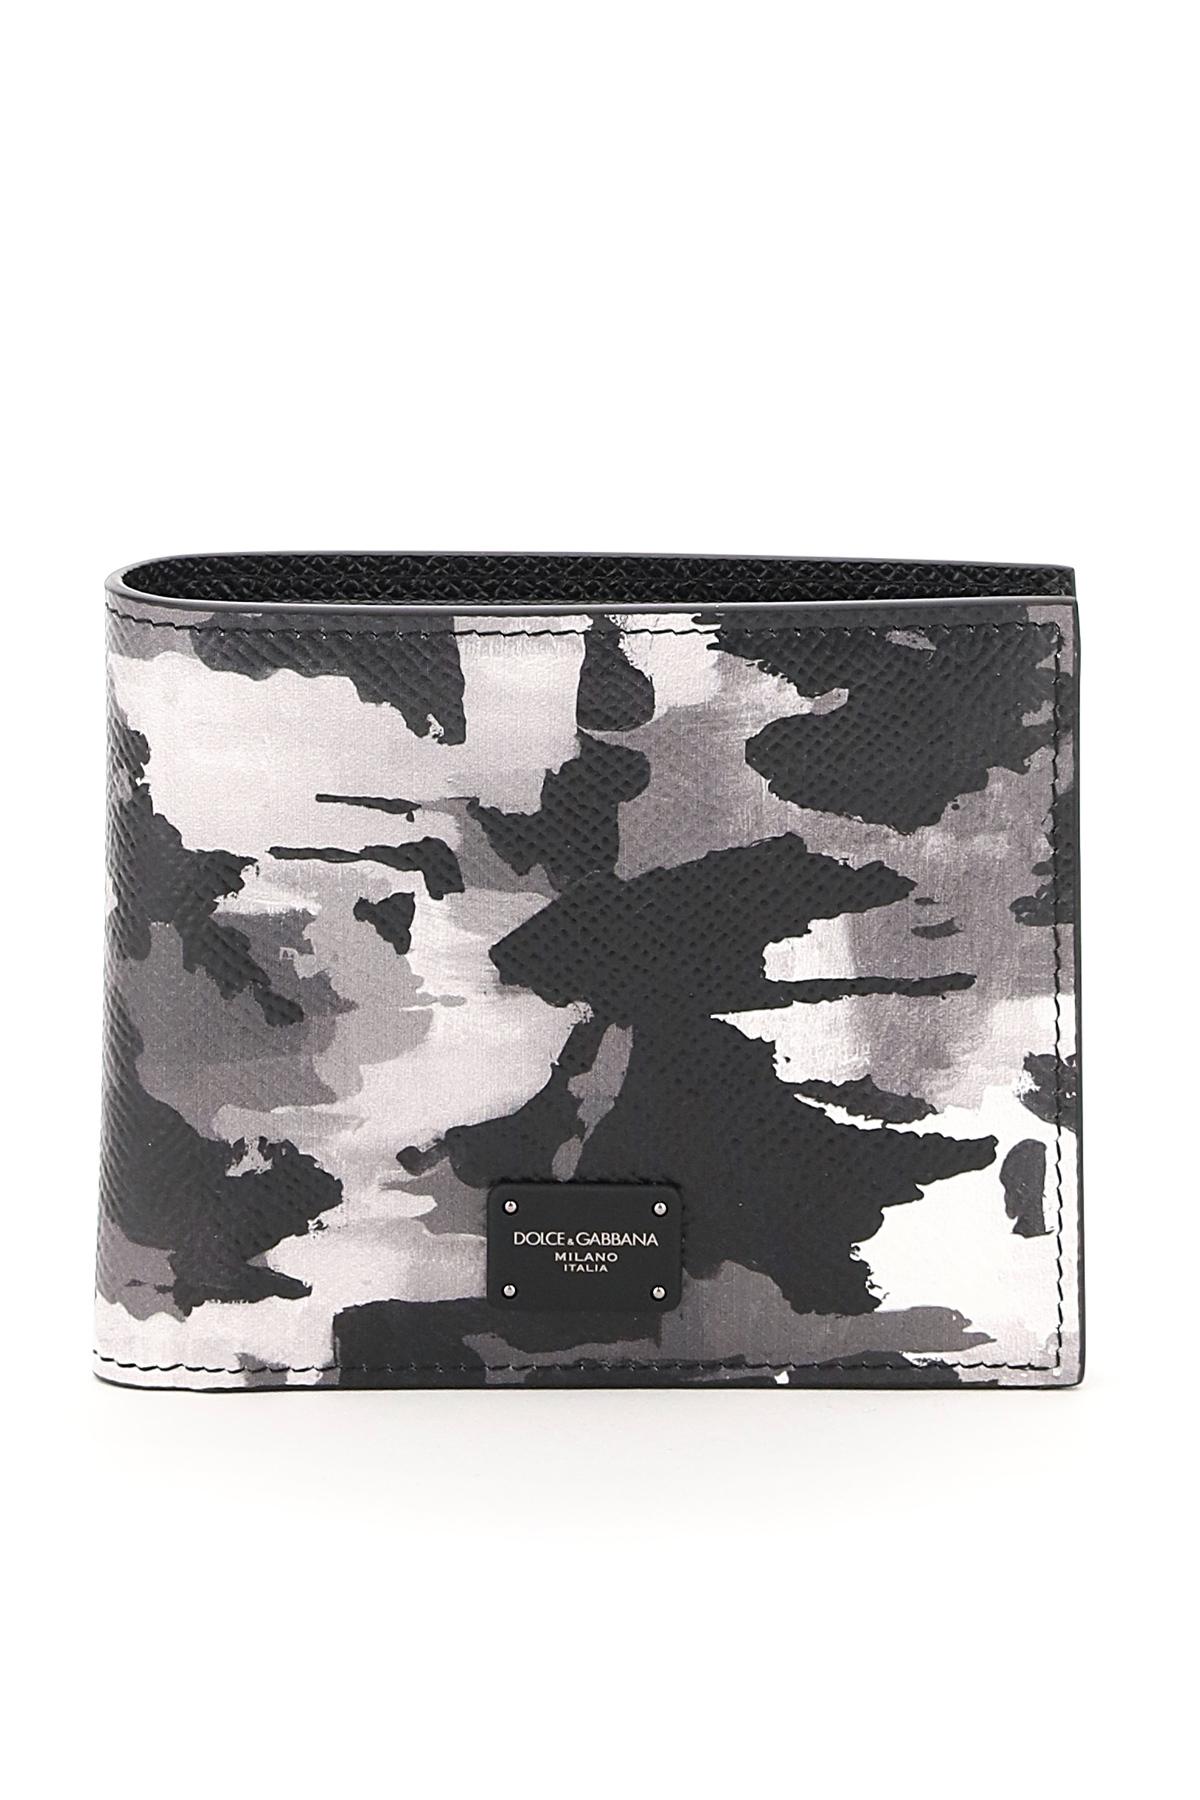 Dolce & gabbana portafoglio camouflage bi-fold